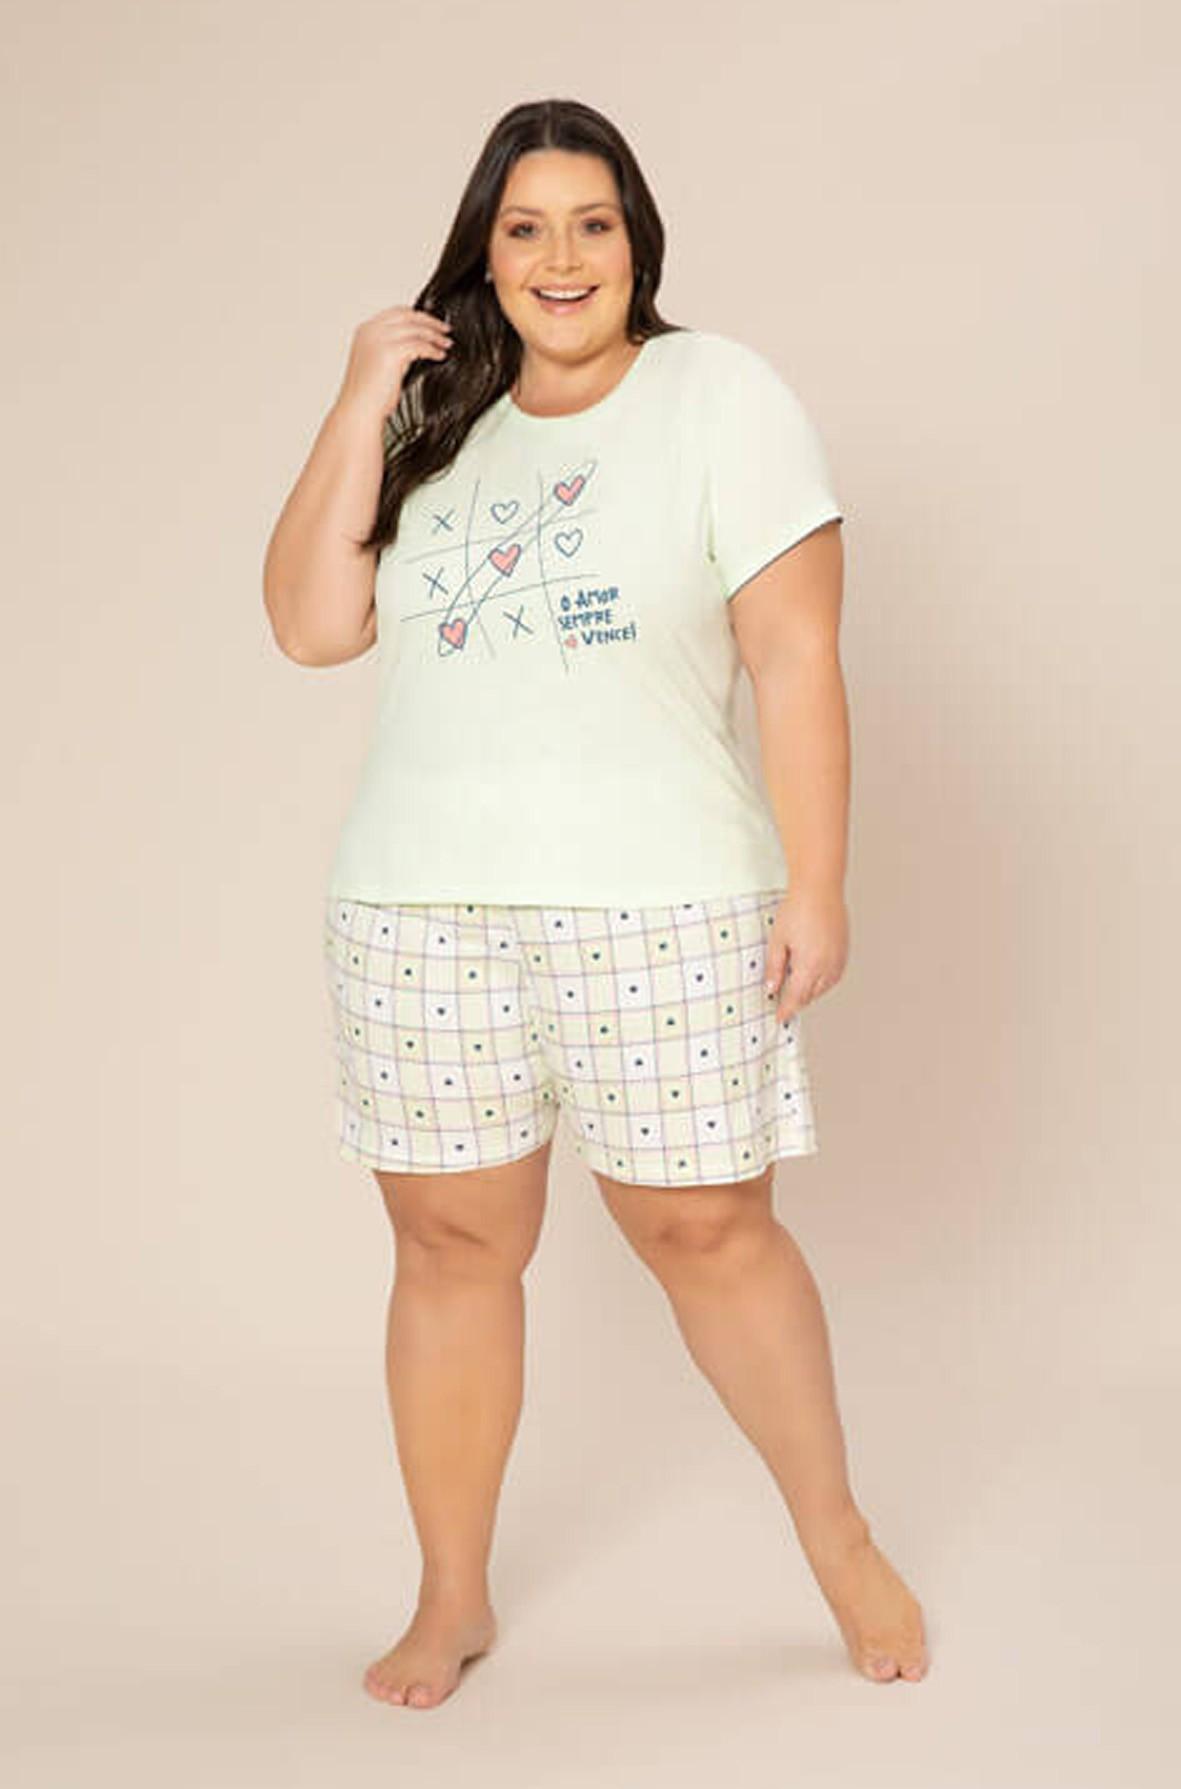 Pijama Feminino Jovem Plus Size 100% Algodão Manga Curta com Bermuda  - Pzama 090072